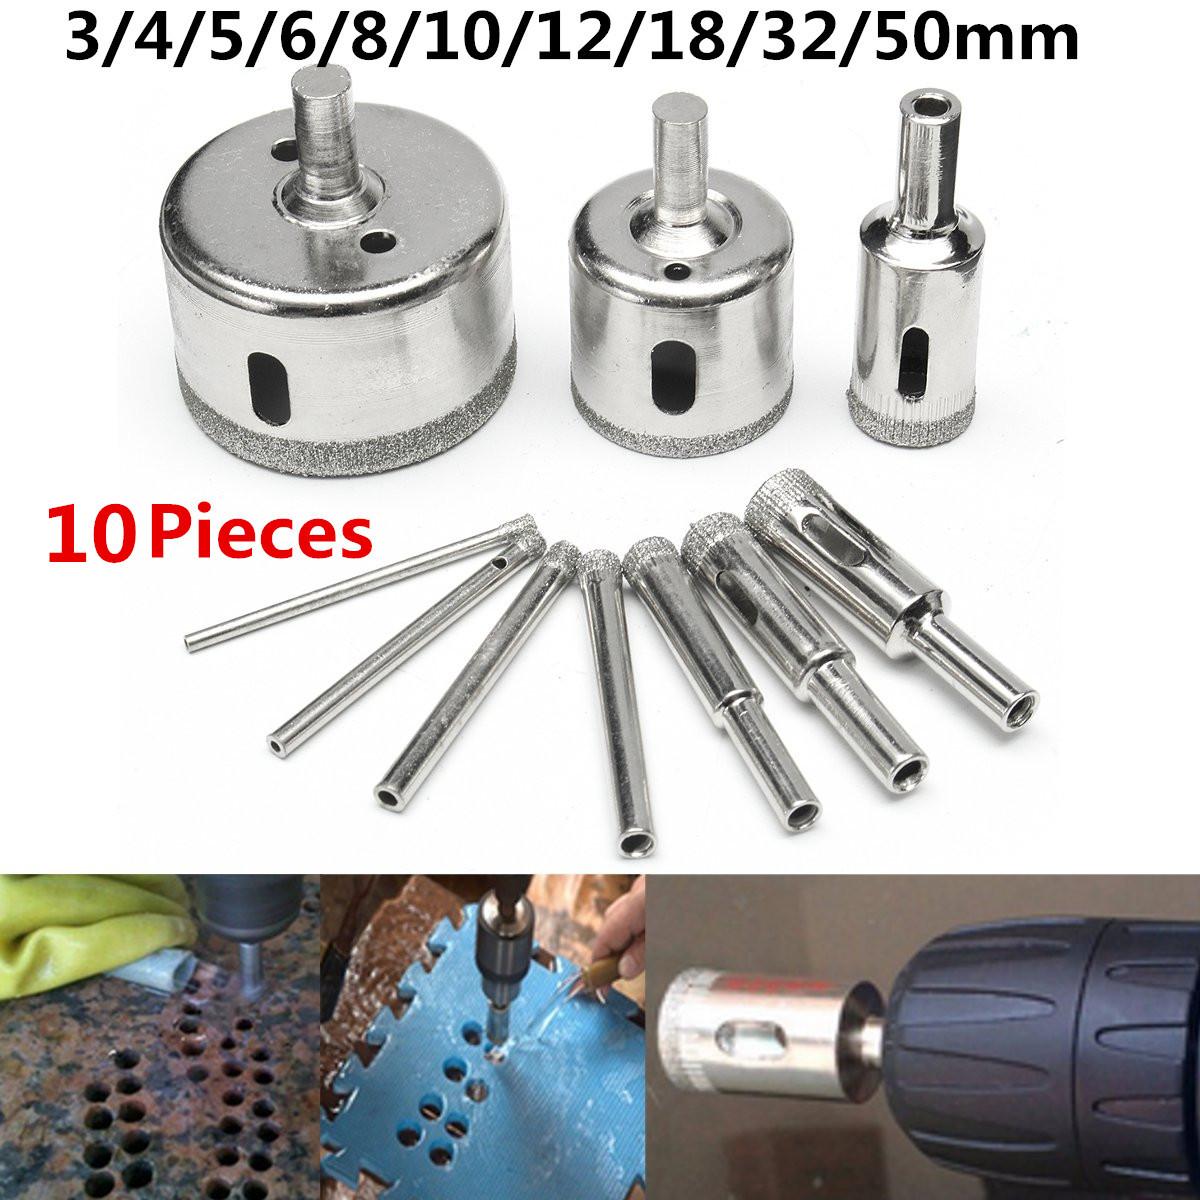 60mm-120mm Diamond Drill Bit Trou Scie Carrelage Verre Marbre Céramique Outil de coupe